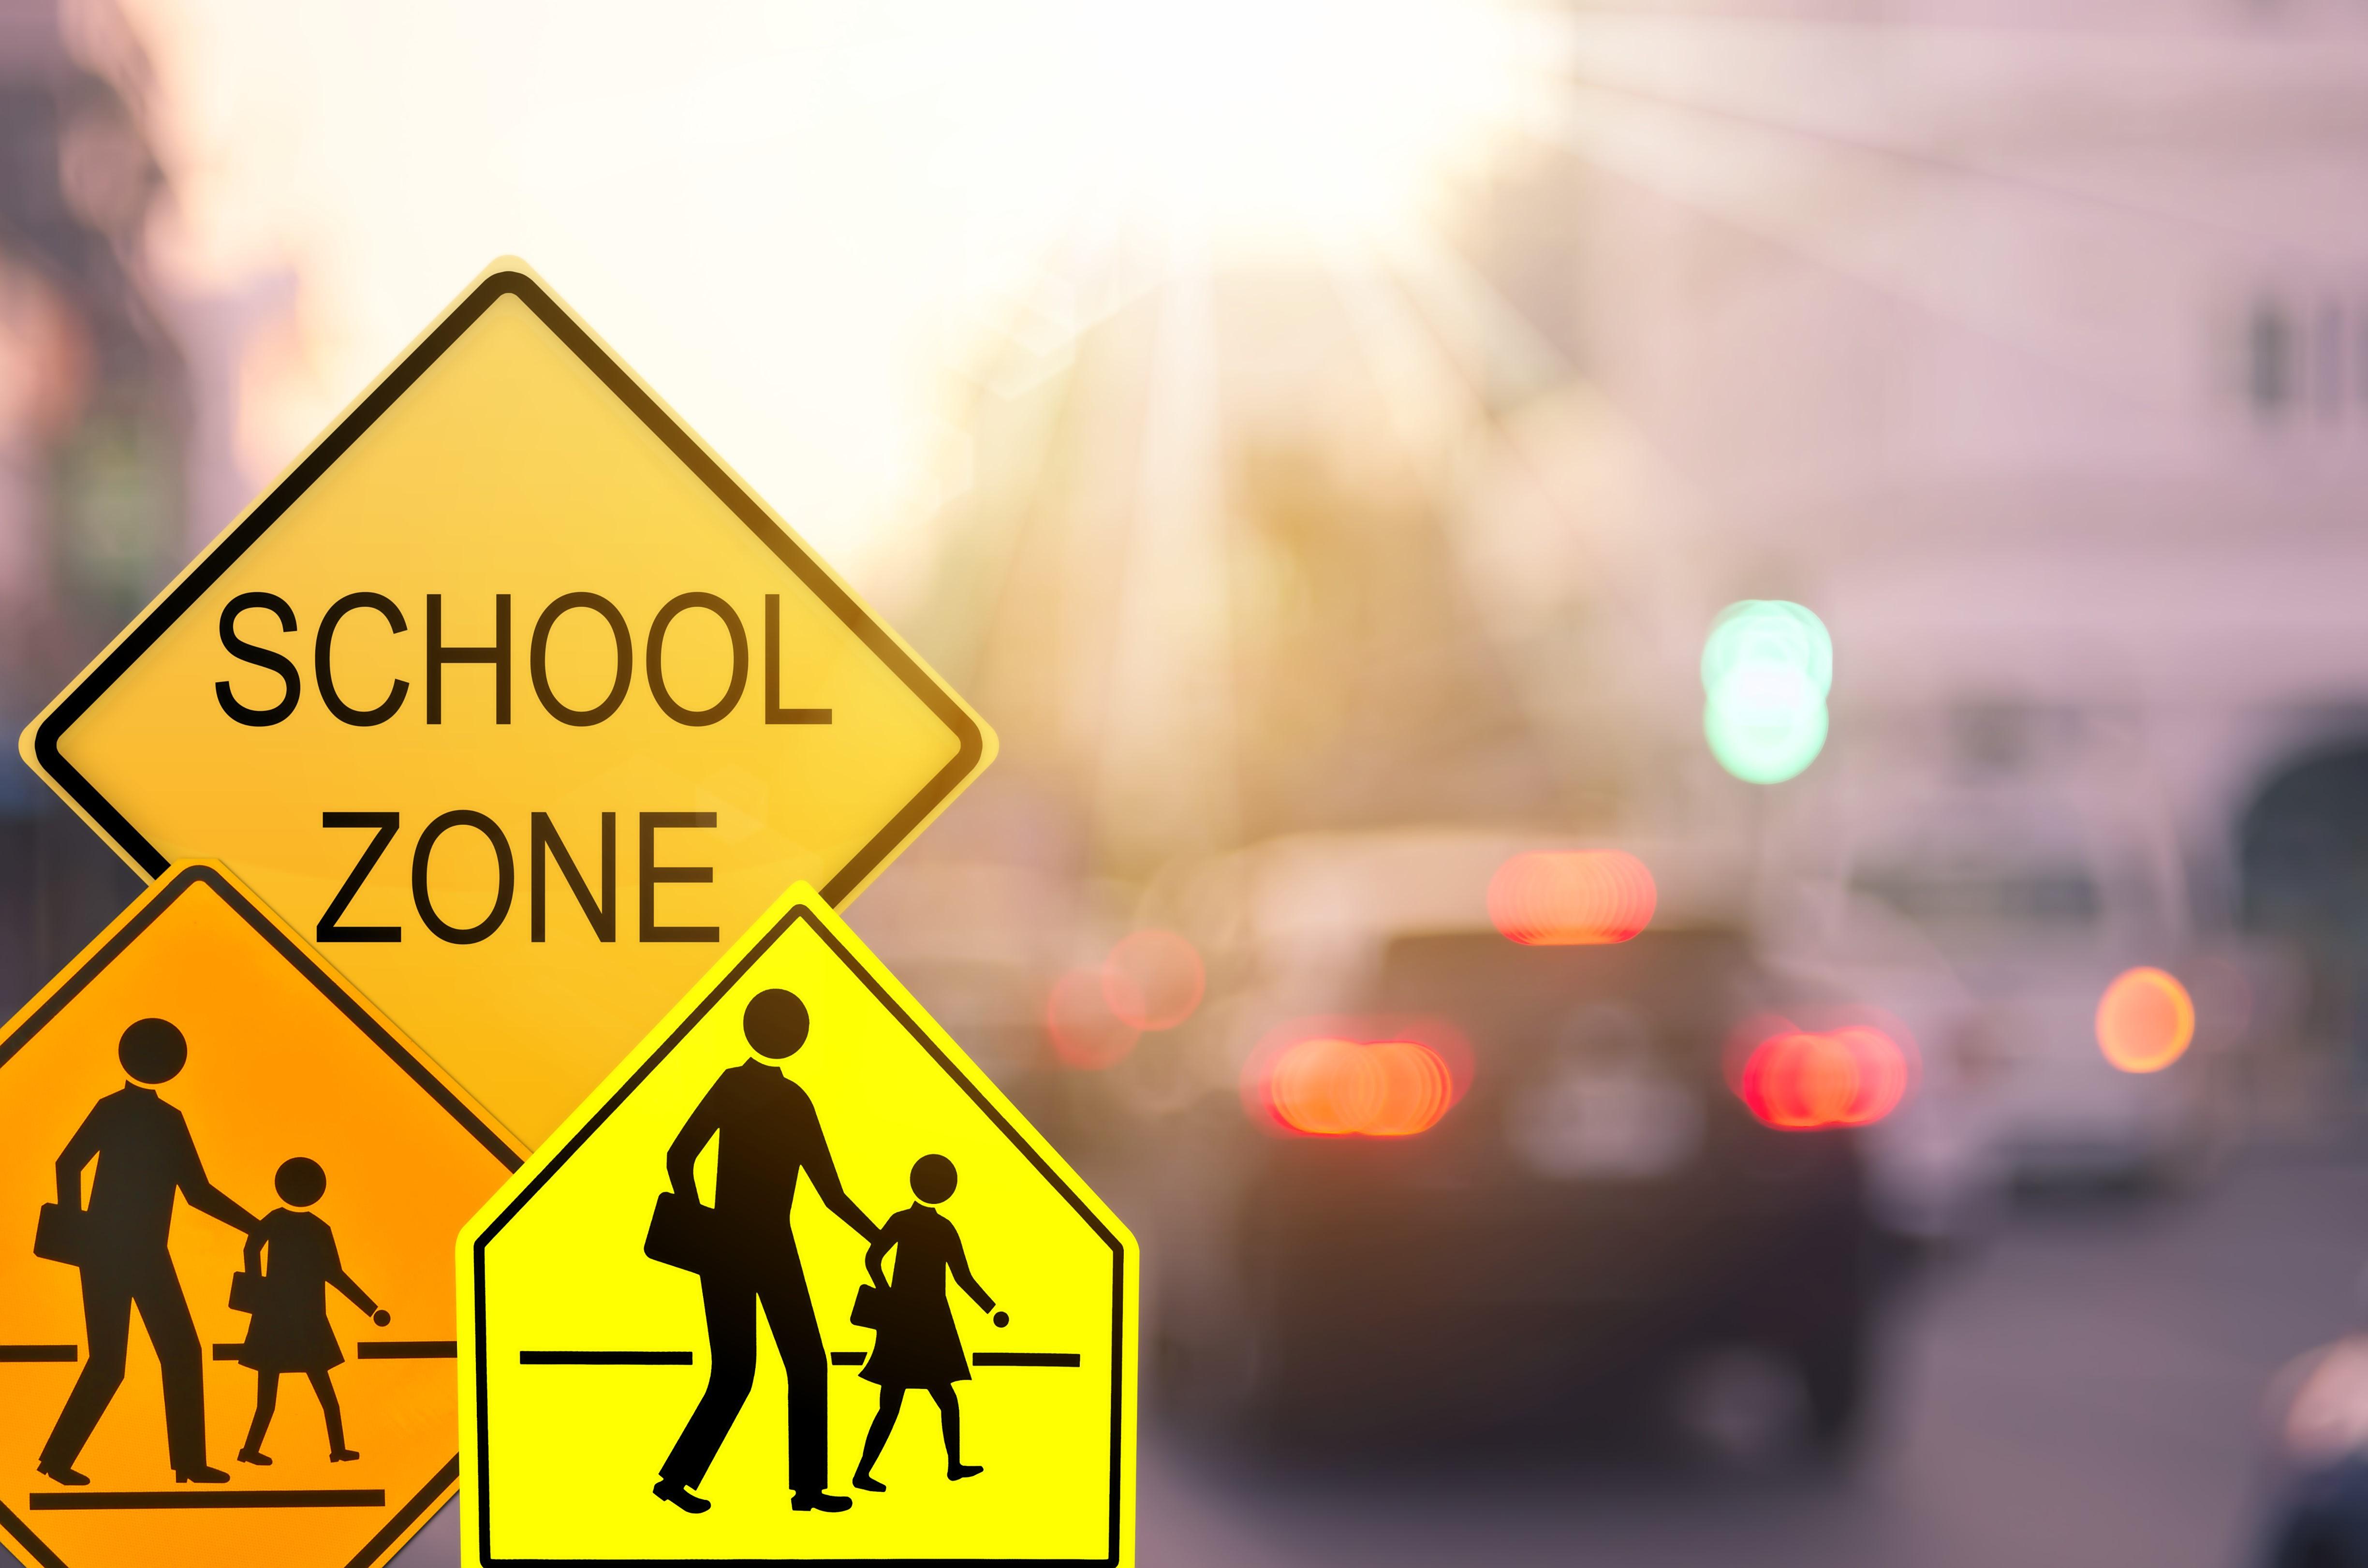 7 Ways to Help Keep School Zones Safe